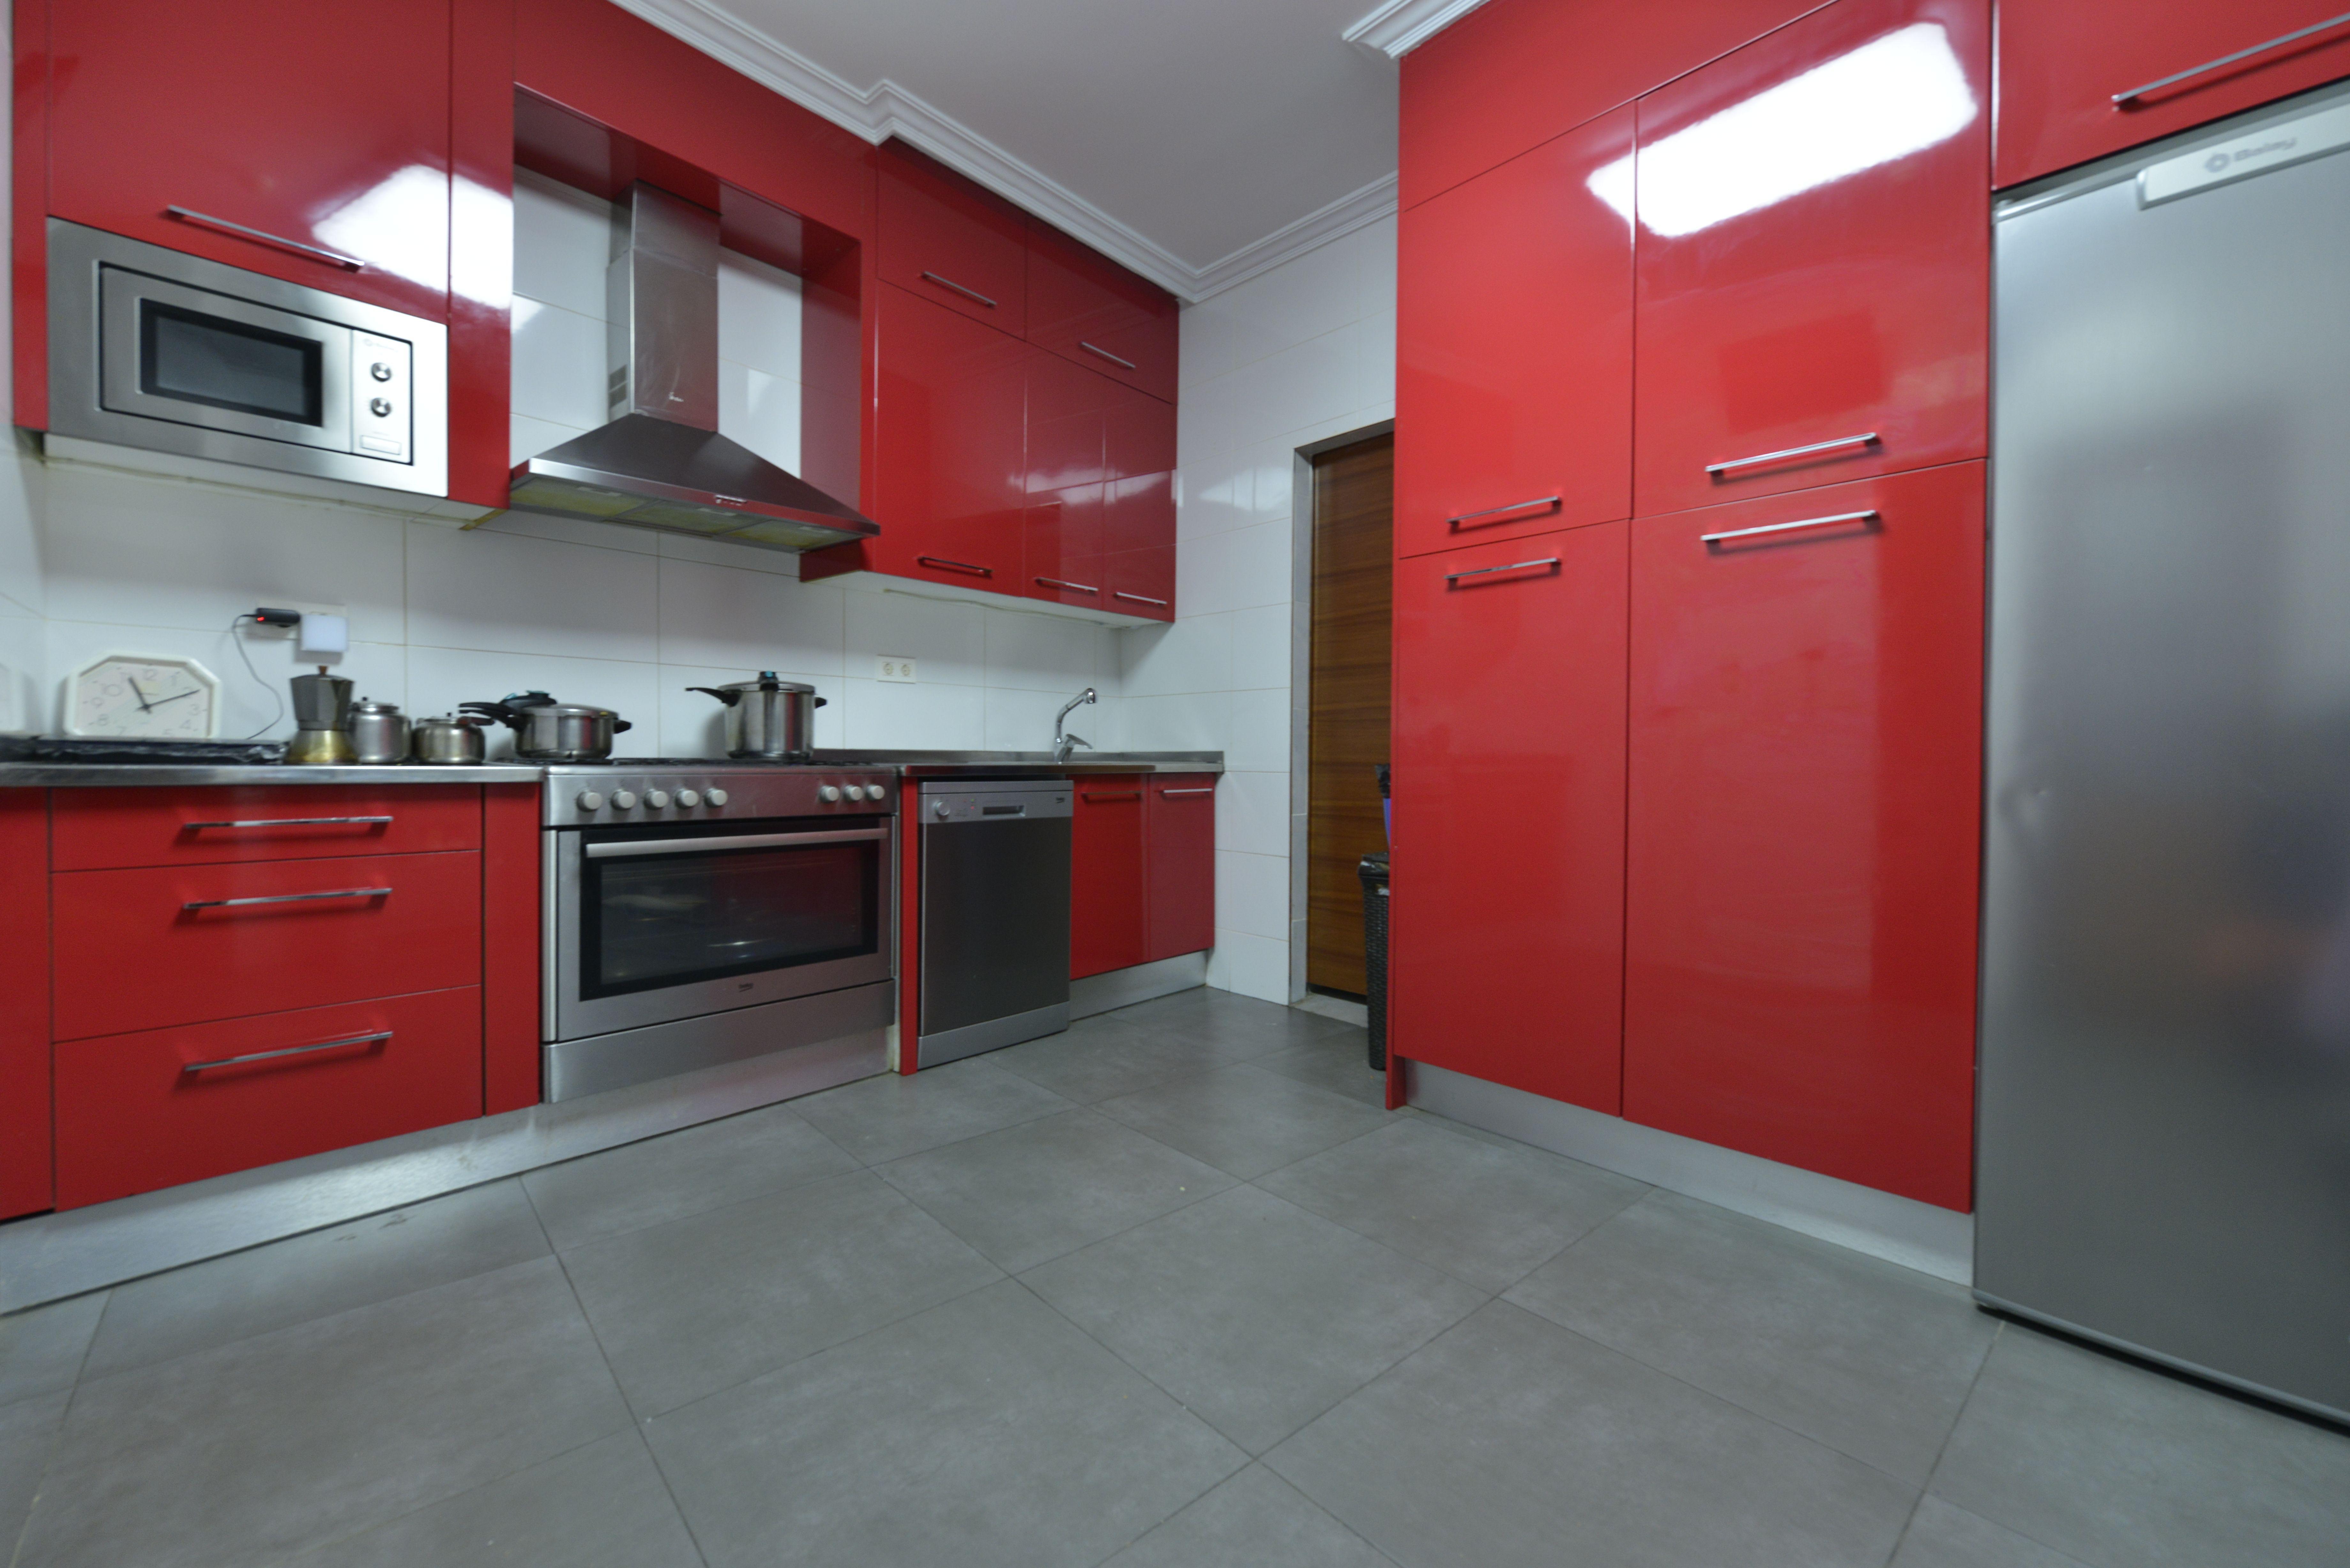 En nuestras instalaciones contamos con cocina propia